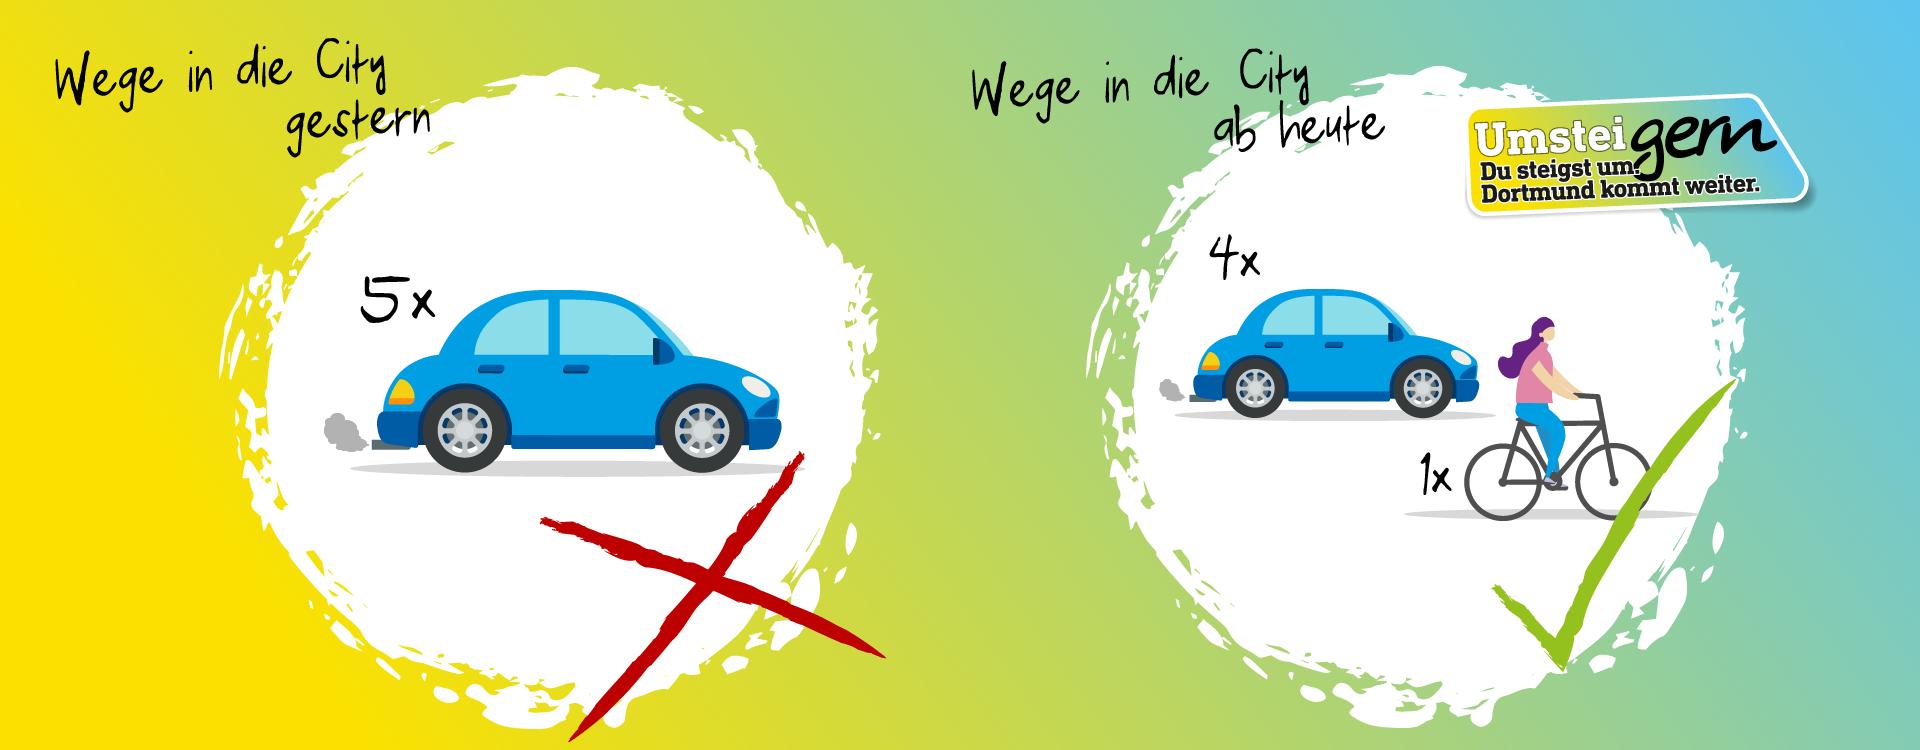 UmsteiGERN möchte Dortmund motivieren, auf nachhaltige Verkehrsmittel zu setzen